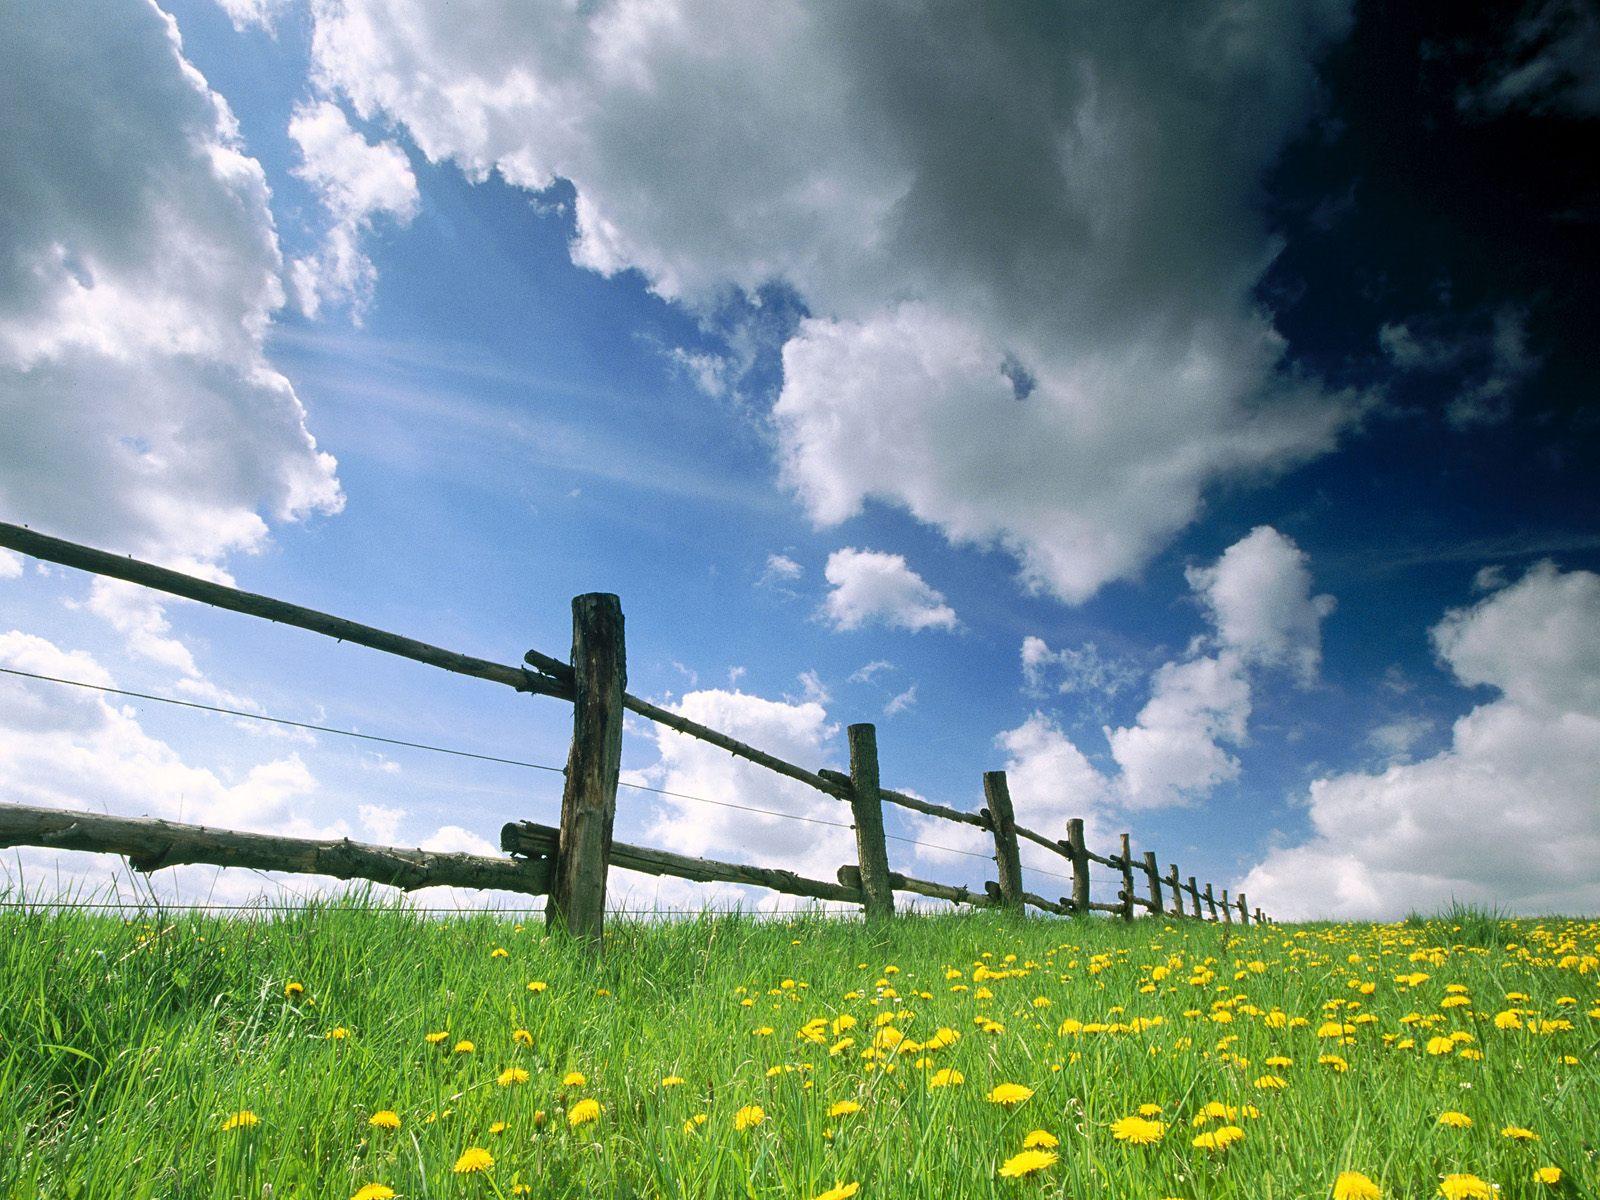 http://3.bp.blogspot.com/-NObbVgle_kM/T2SRIcOD4SI/AAAAAAAAAPE/aEmVX7PhsXk/s1600/natural%2Bwallpaper-1.jpg